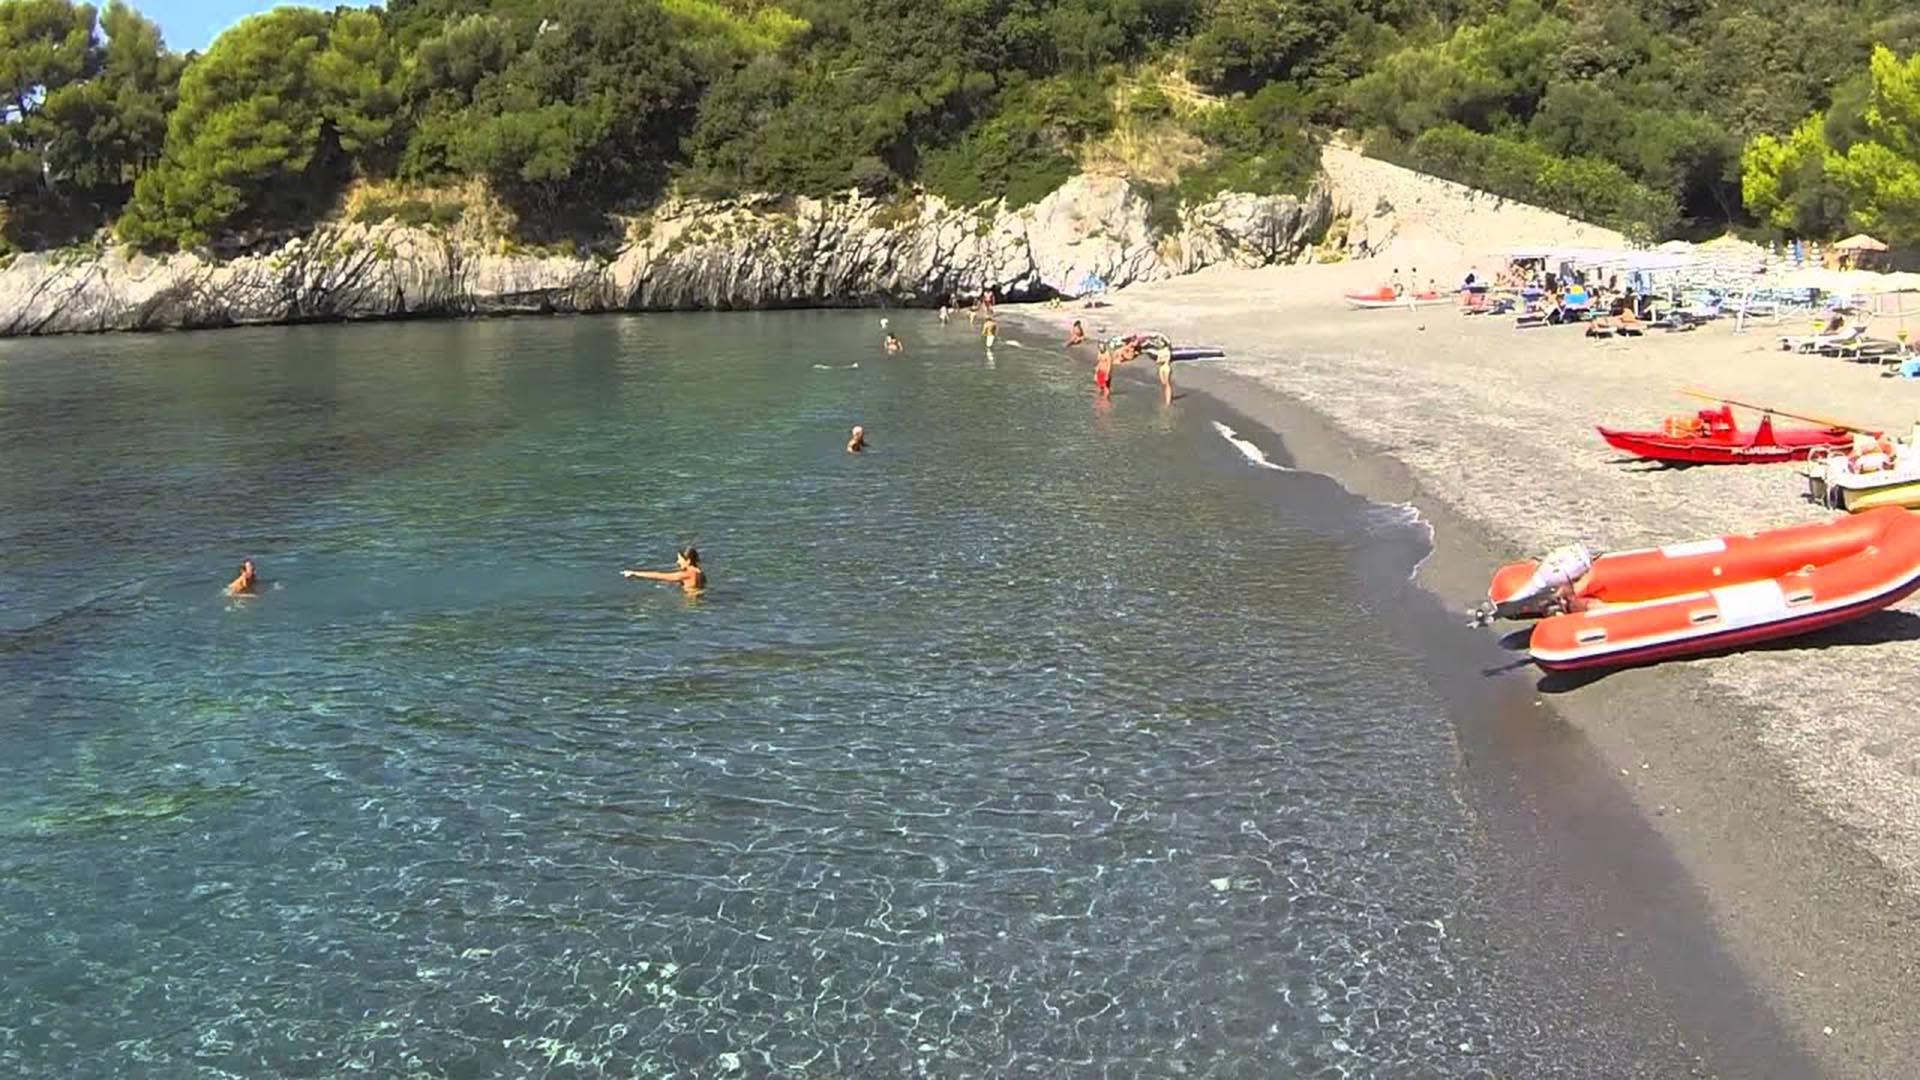 Con un litoral que se parece mucho a su vecino de Amalfi pero sin los turistas extranjeros y los altos precios, este club de playa cerca de la joya subestimada de Maratea ofrece los más deliciosos mariscos en sus restaurantes. Una de las mejores maneras de disfrutar esta área es alquilar un bote y recorrer las múltiples calas de la costa